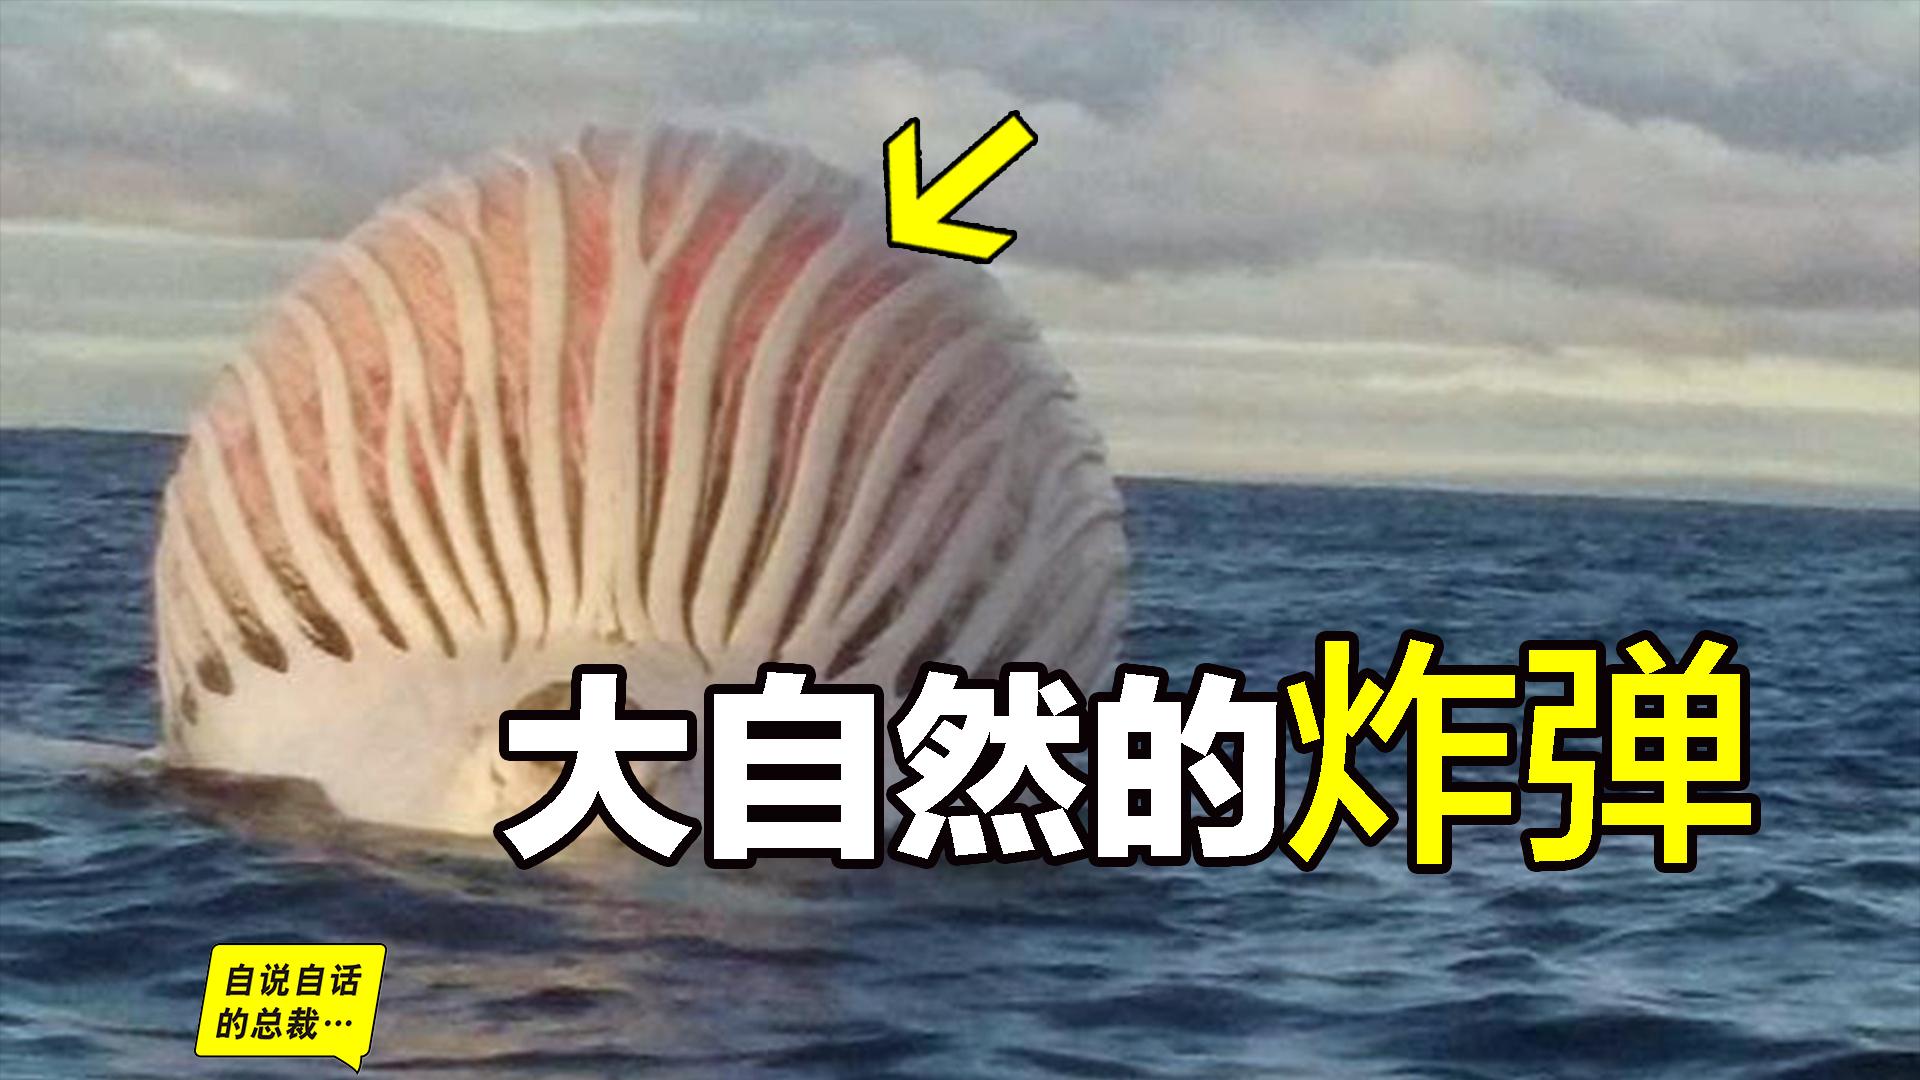 鲸爆:大自然的炸弹,这是一个有味道的视频